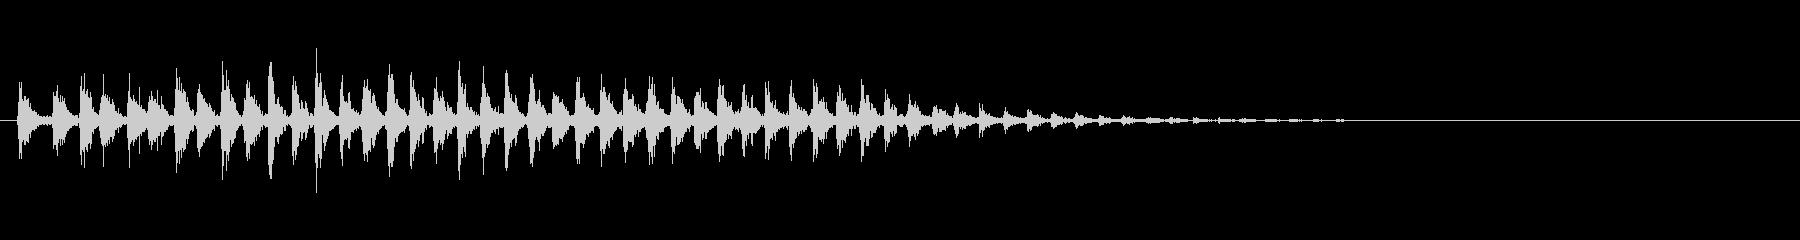 「カーッ!」バラエティでよく使われる音の未再生の波形